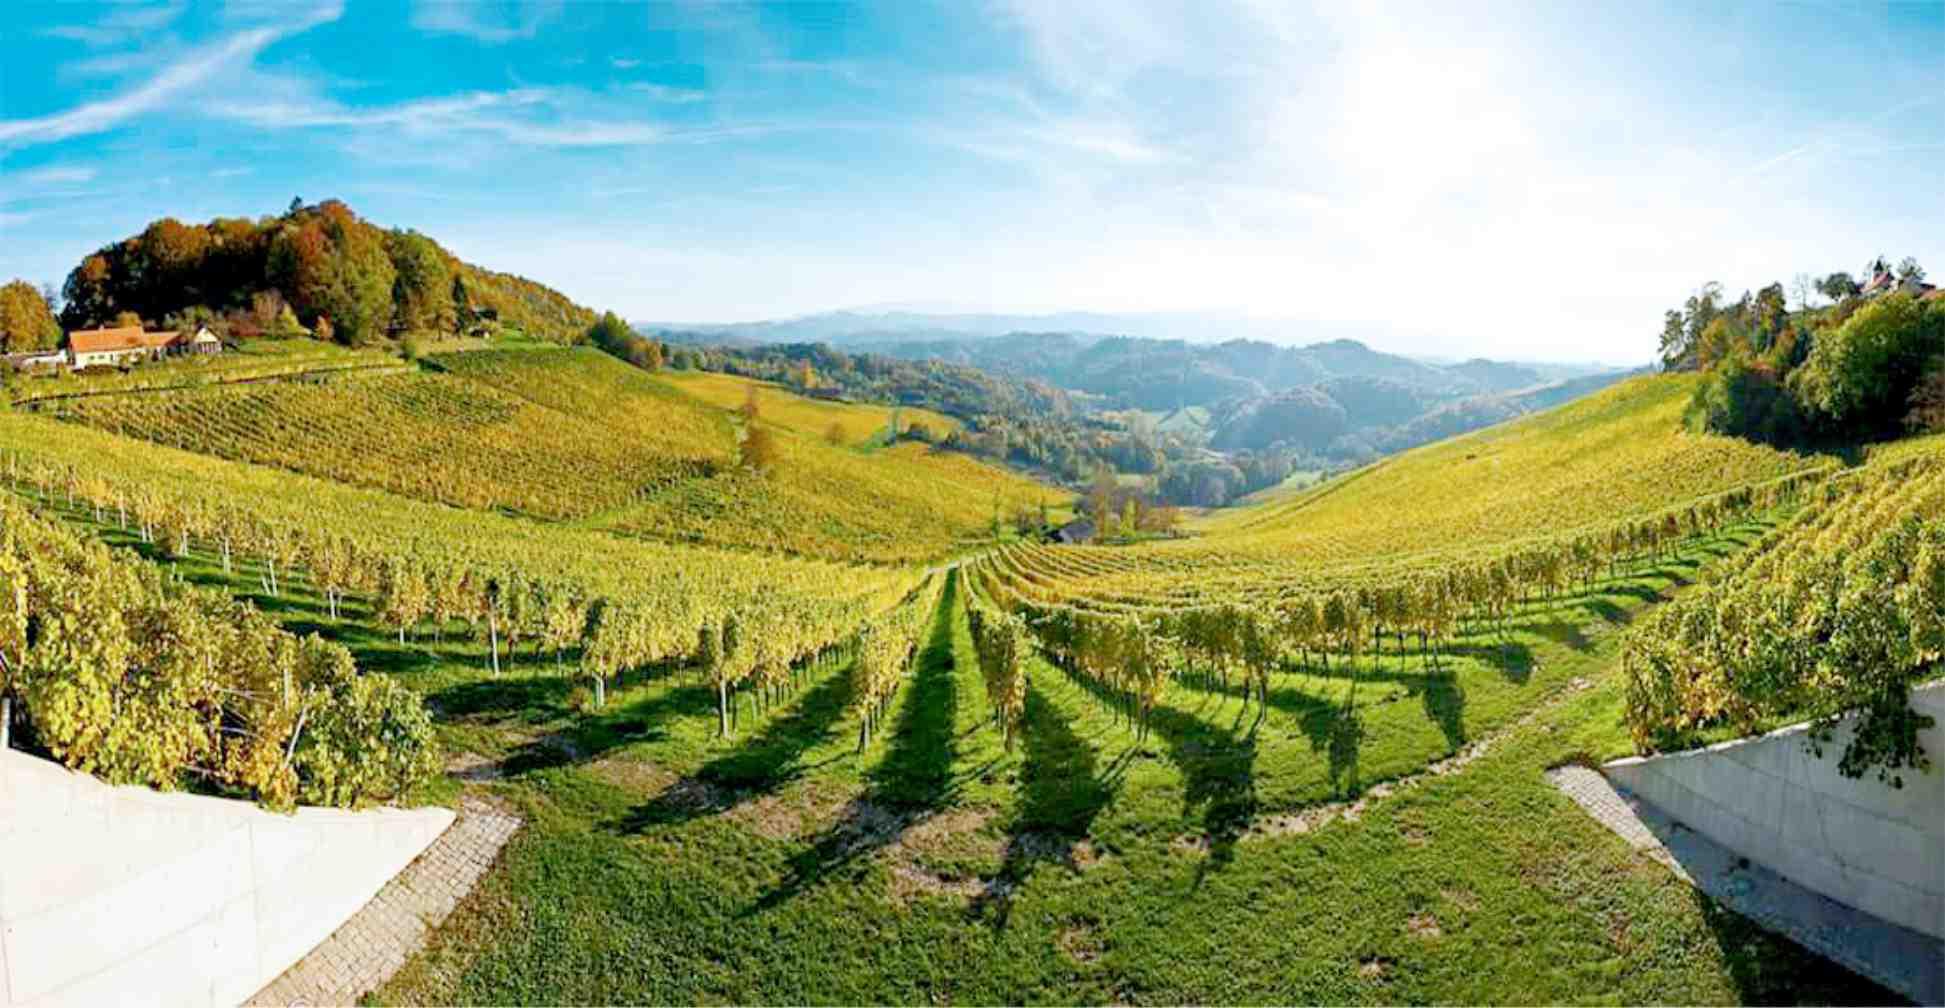 Weingut Tement Ausflugsziel Murradweg Weinstrassentour